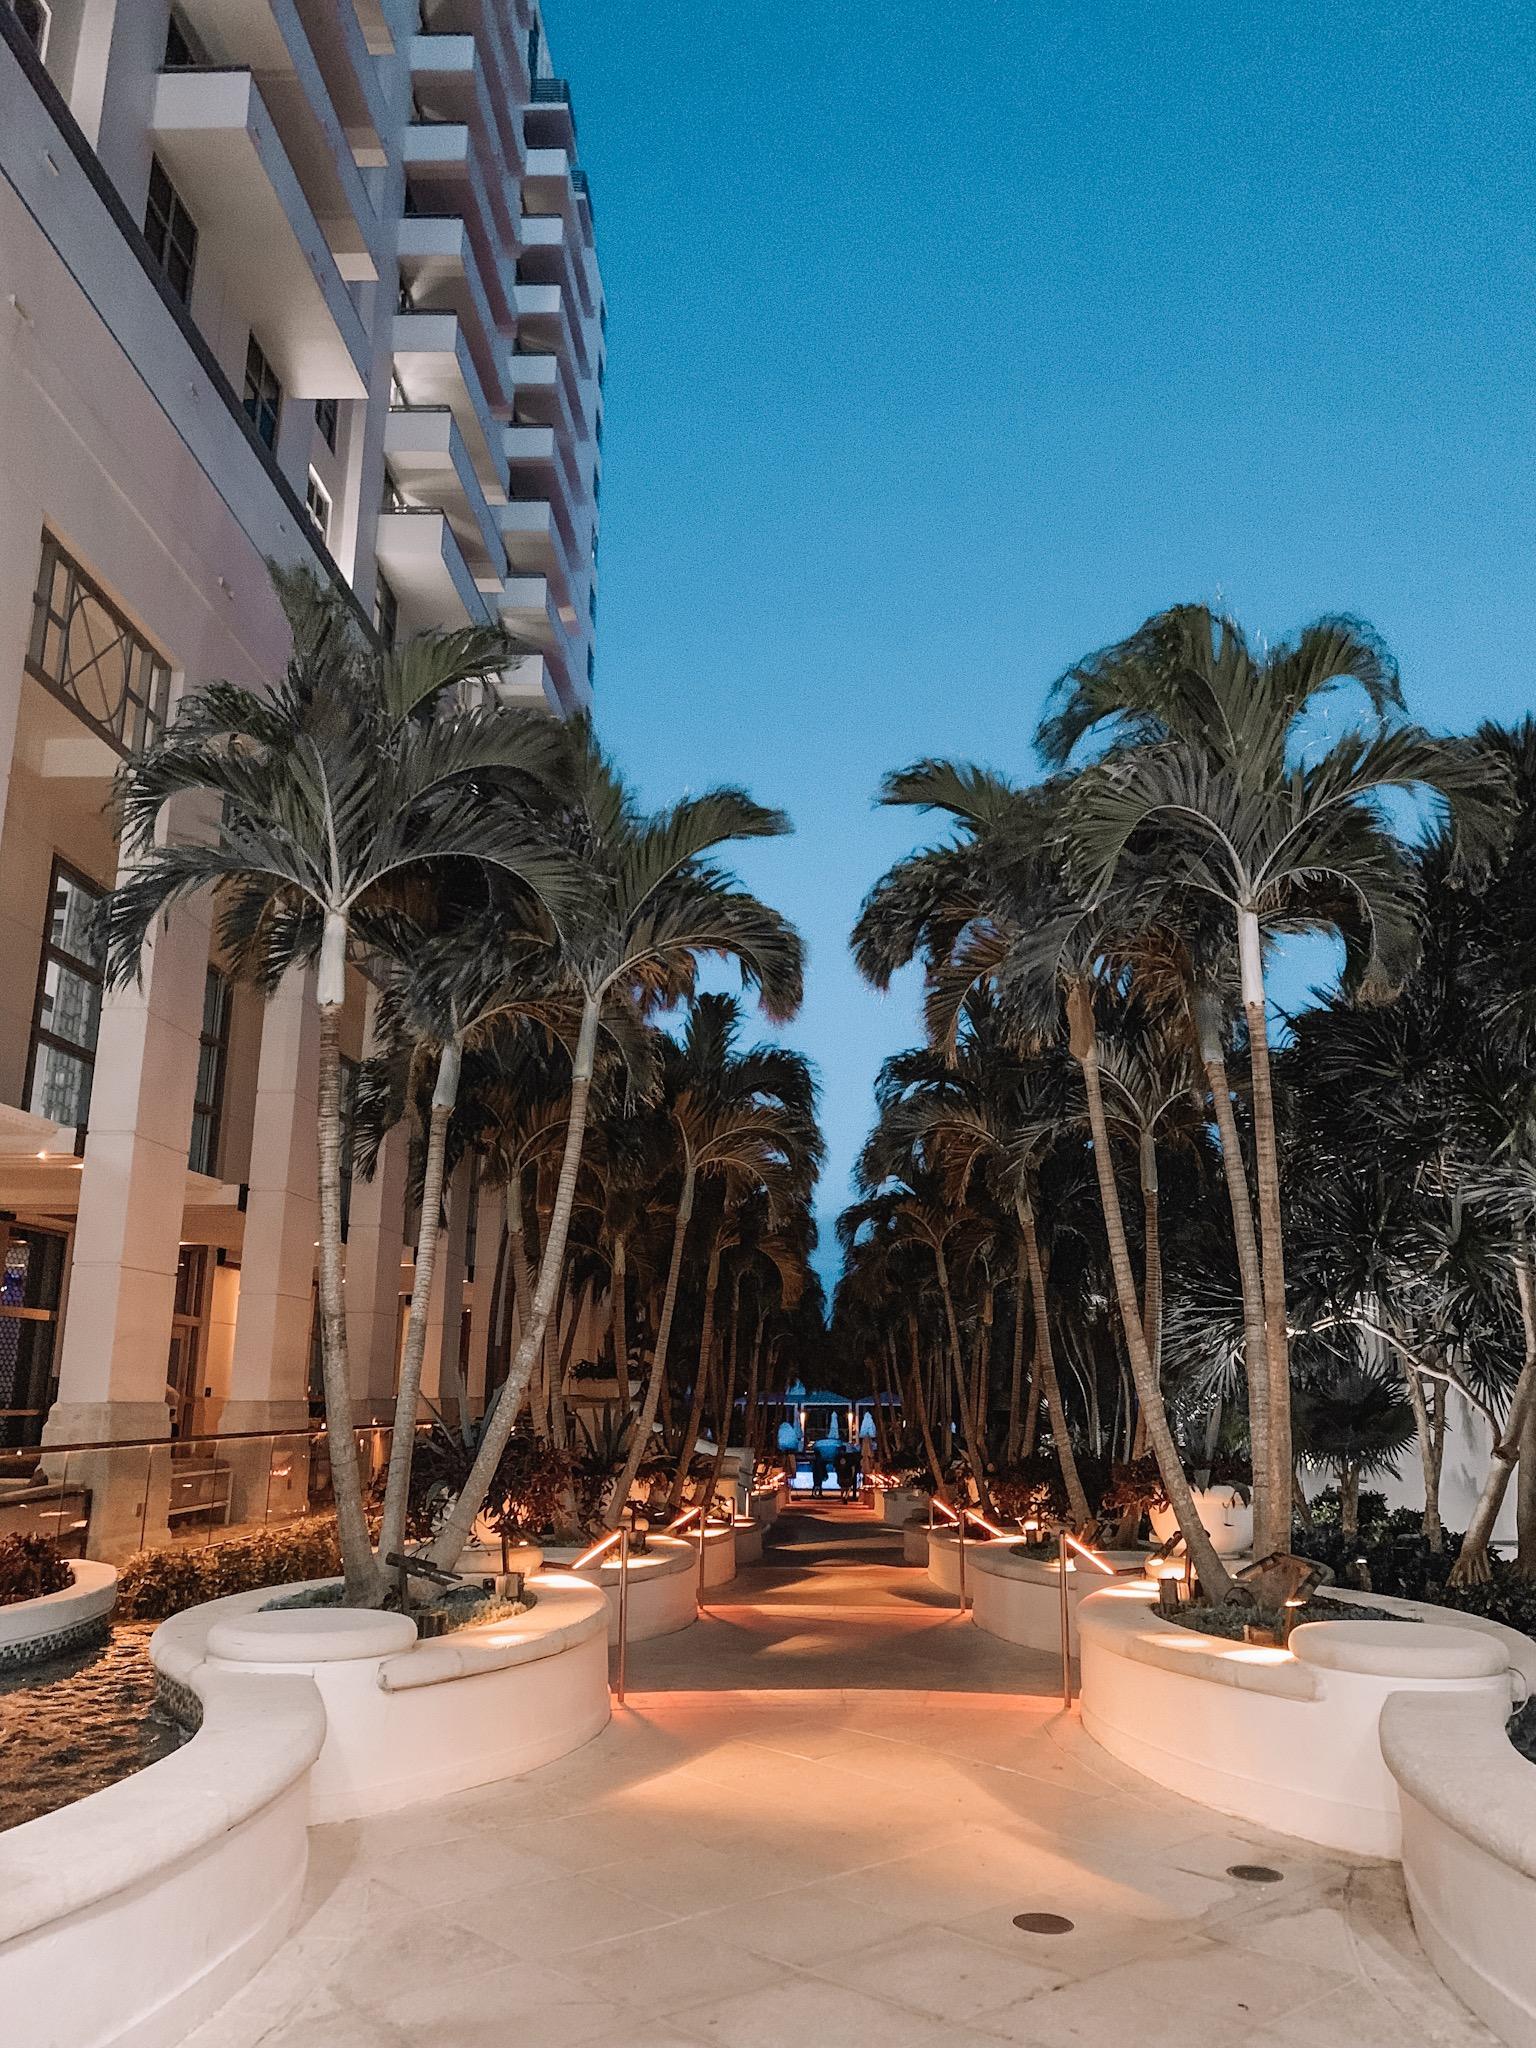 Loew's Hotel Miami